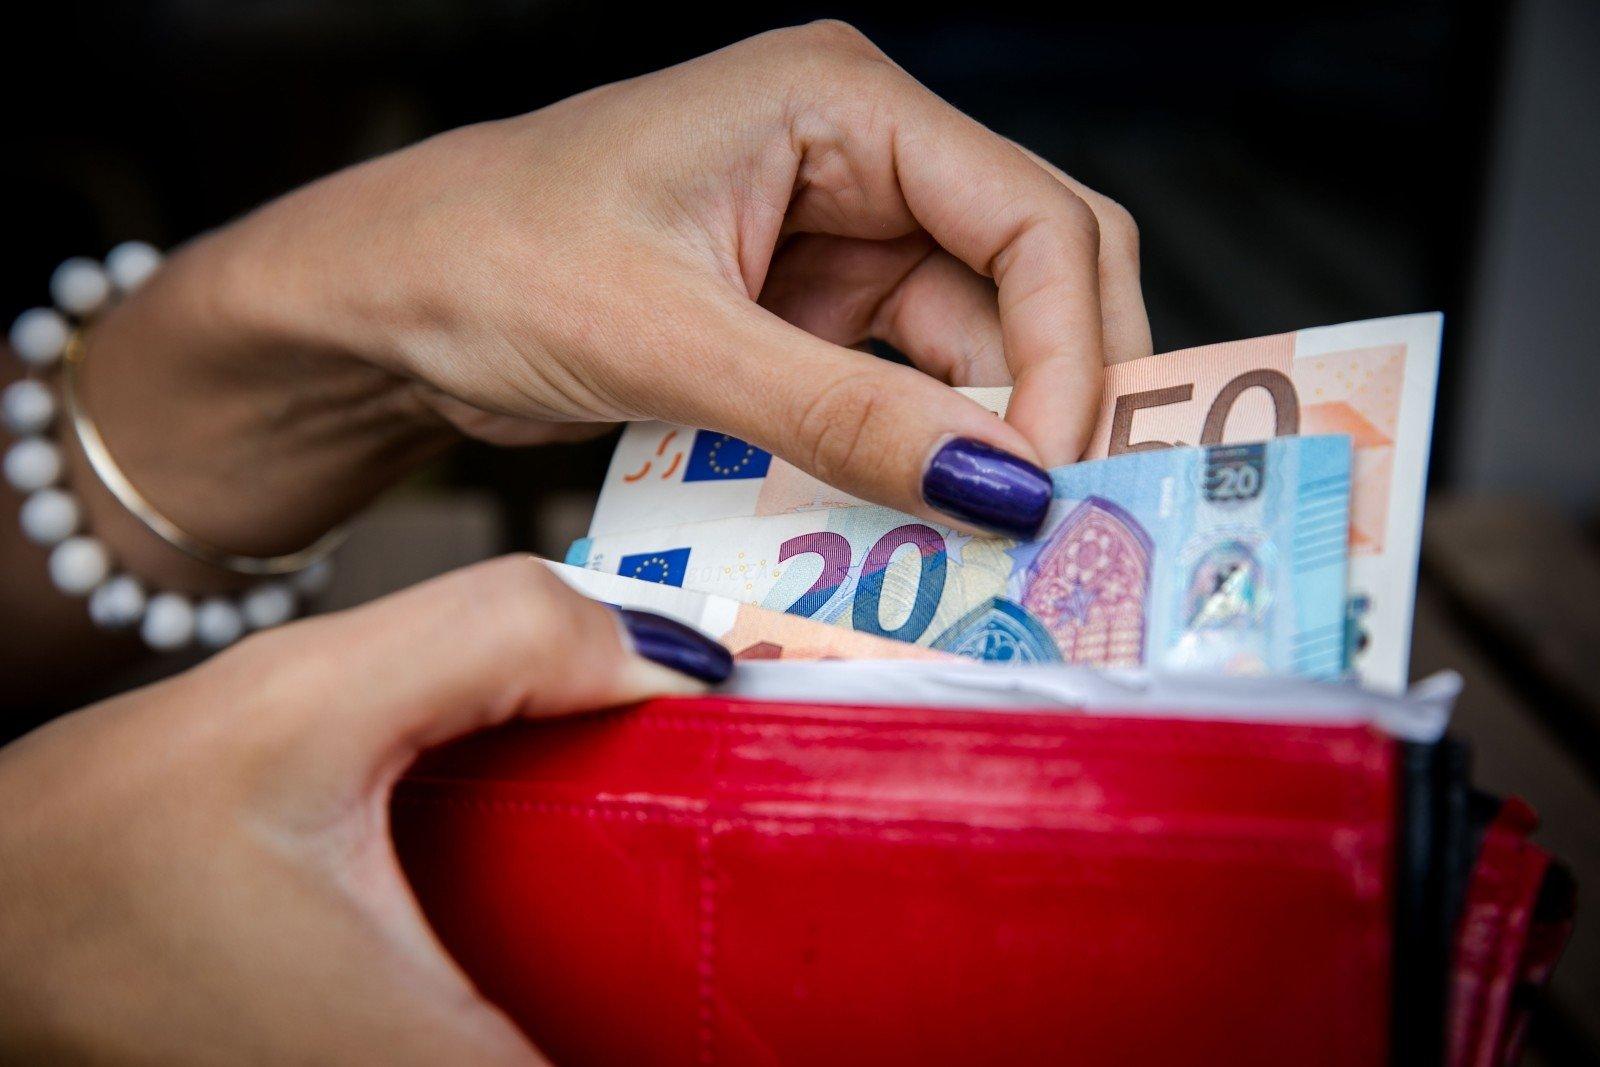 kaip dirbti, kad uždirbtum daug pinigų kaip užsidirbti pinigų bif